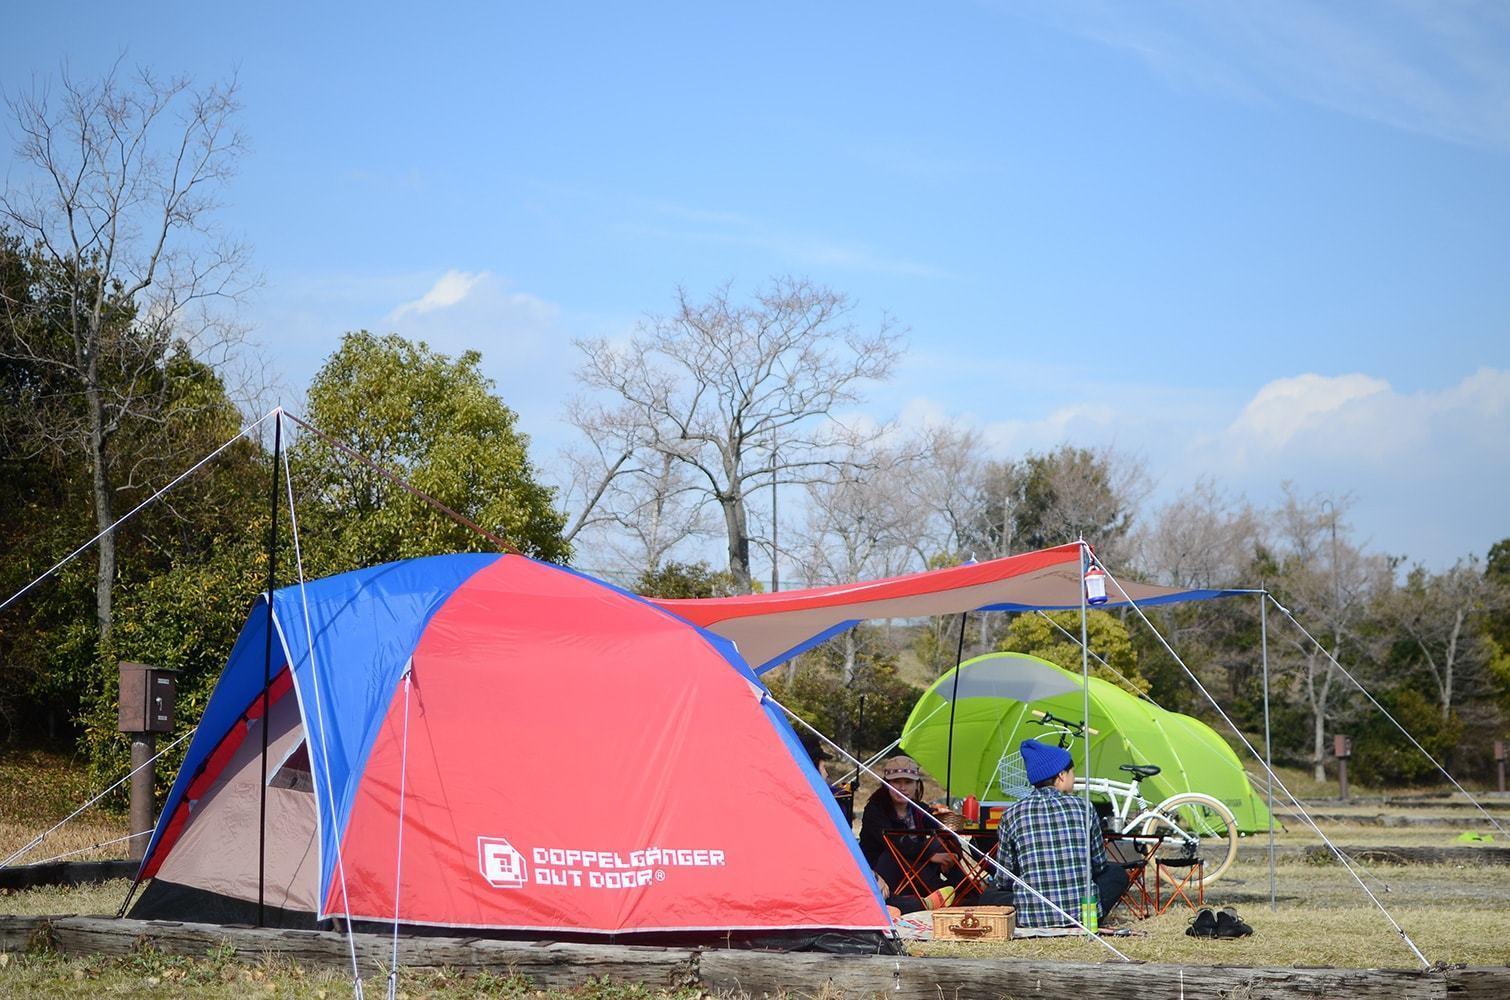 ワンタッチテントを使ったことはありますか??数秒で簡単に設営できるテントは要チェック☆